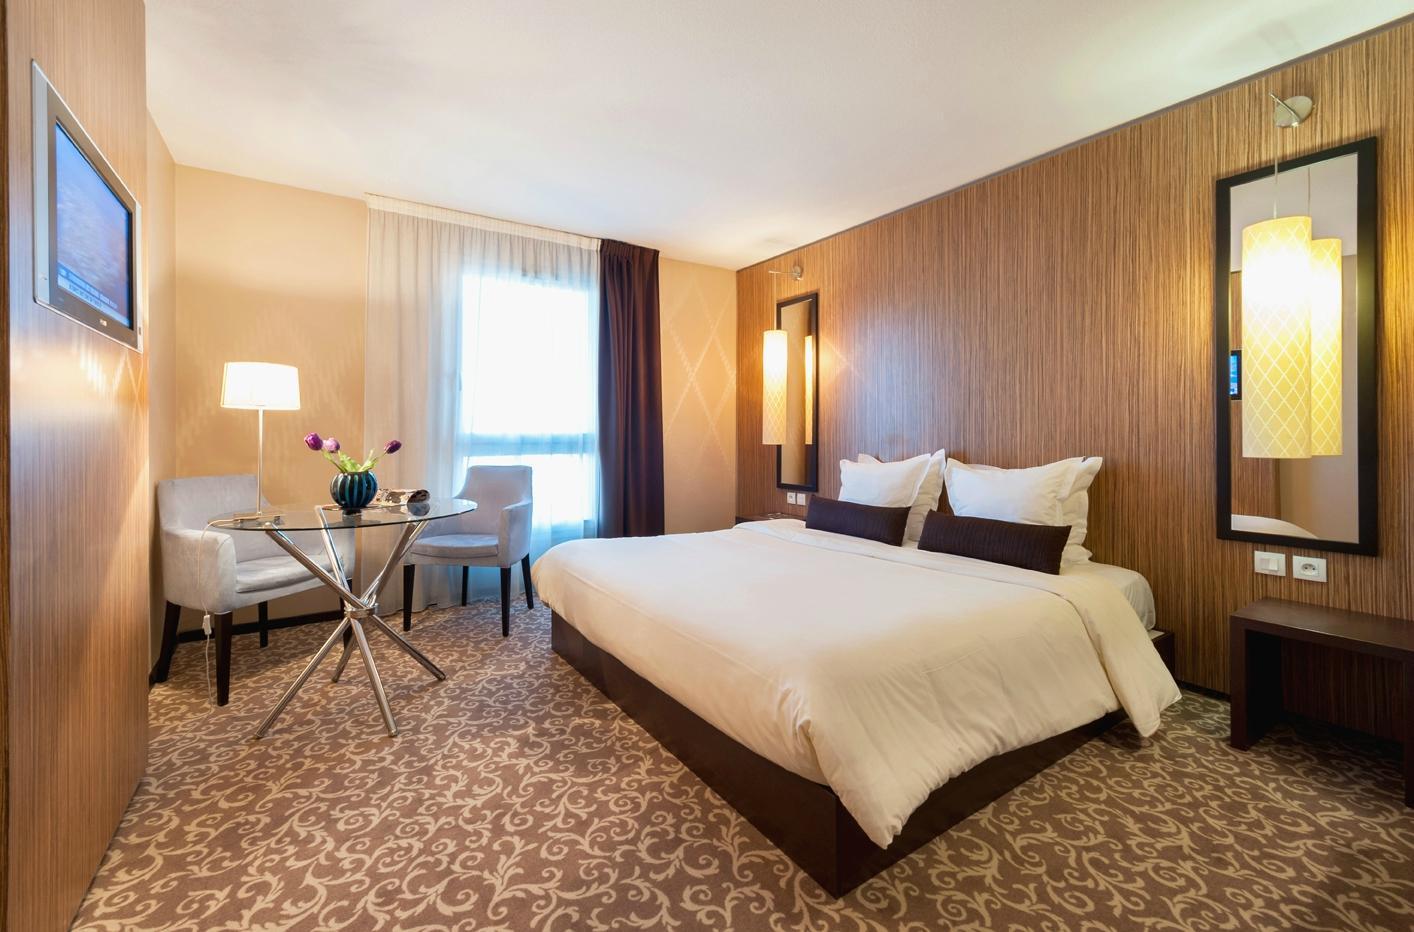 Hotel Teneo Suites